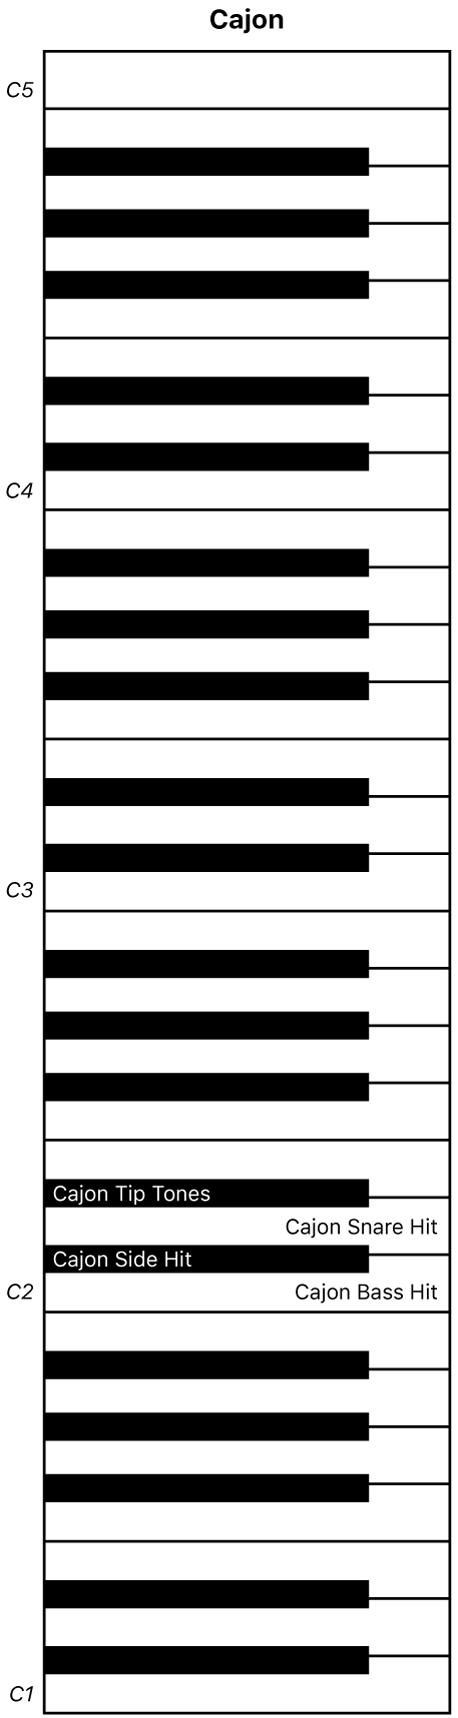 Afbeelding. Keyboardtoewijzing van Cajón-uitvoering.